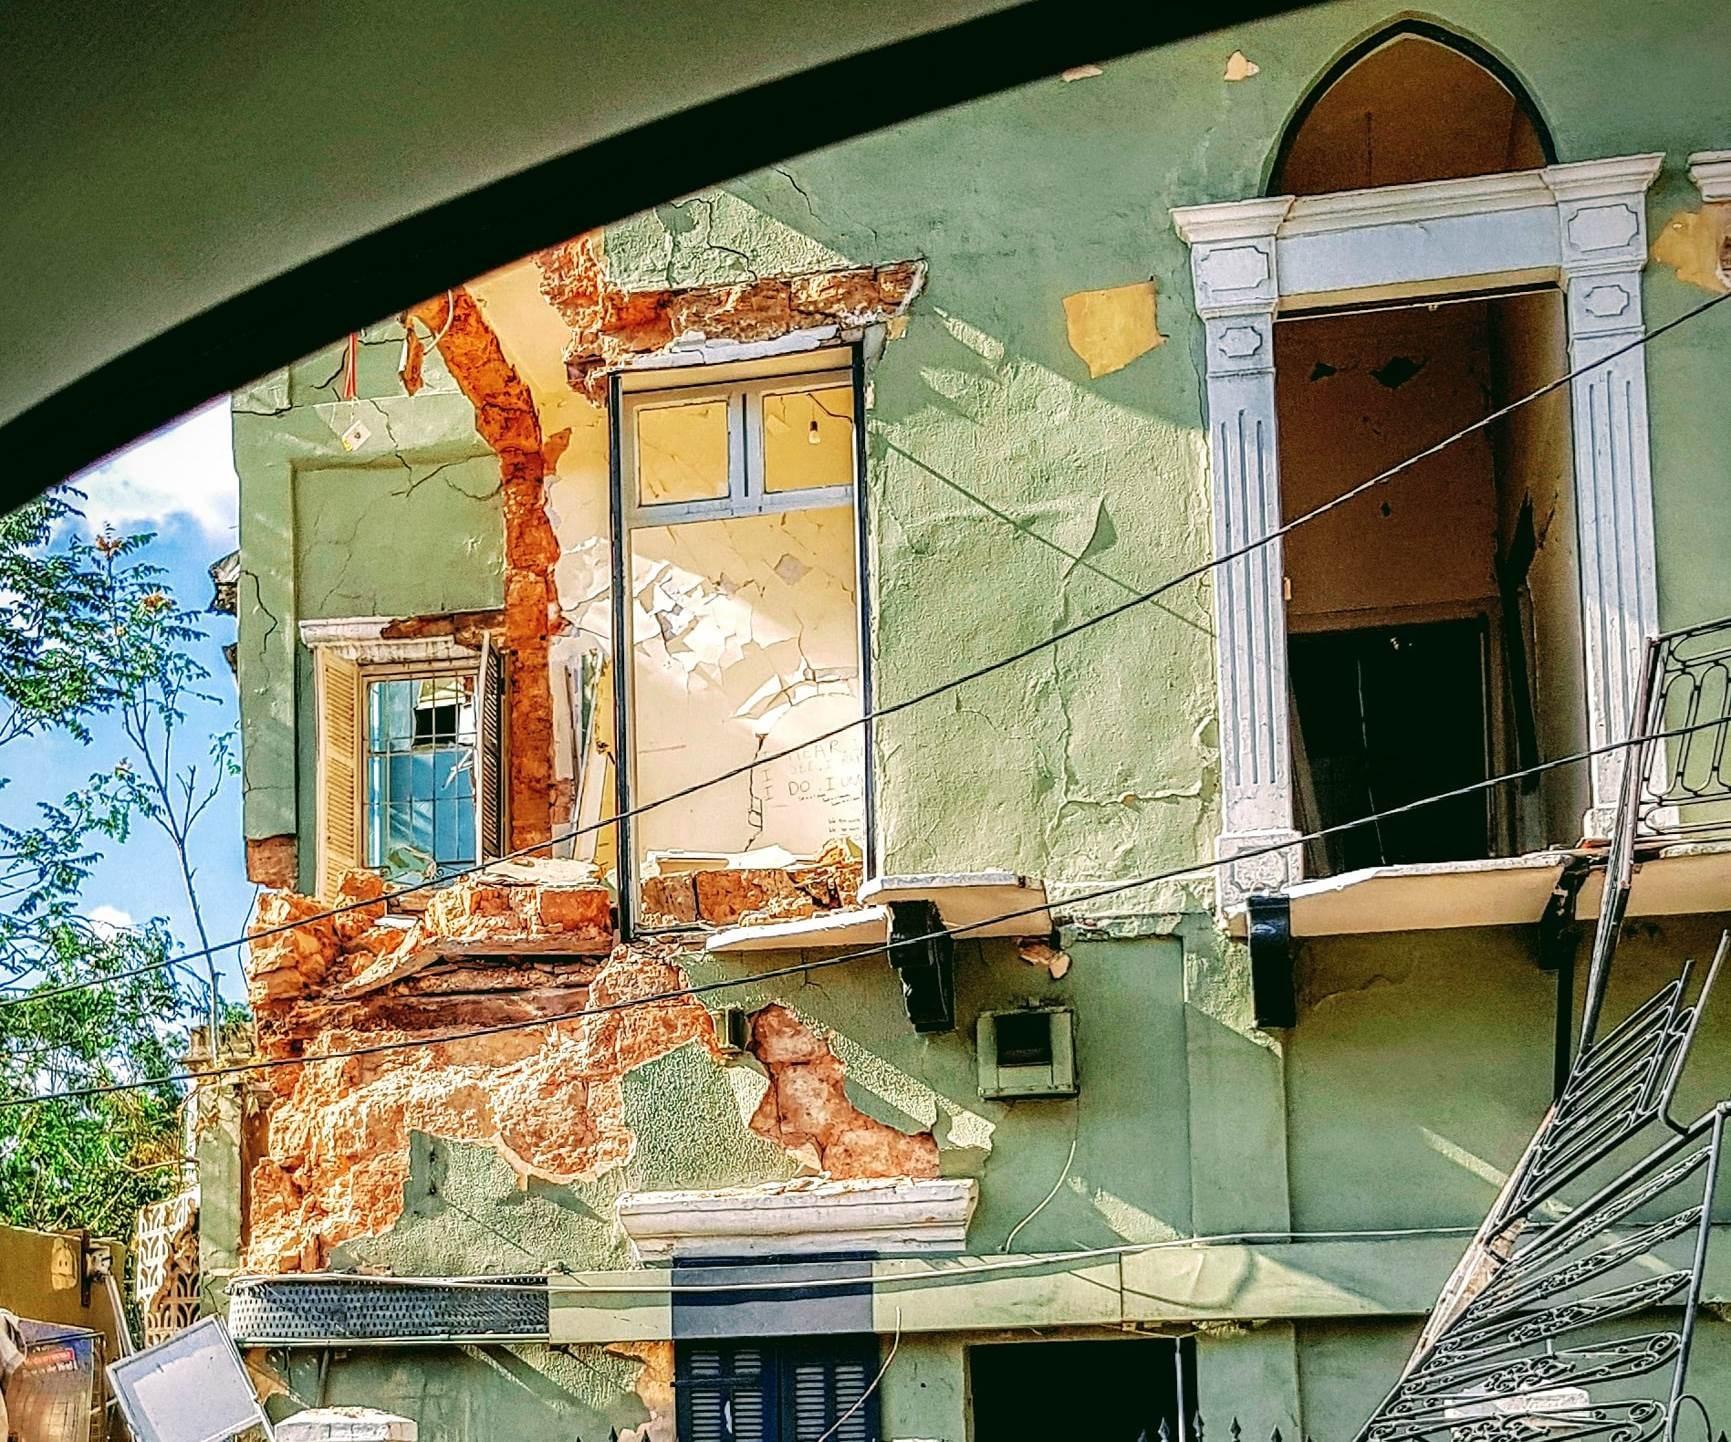 هيئات دولية تتعهد بالمساعدة لمعالجة الأبنية التراثية المتضررة في بيروت